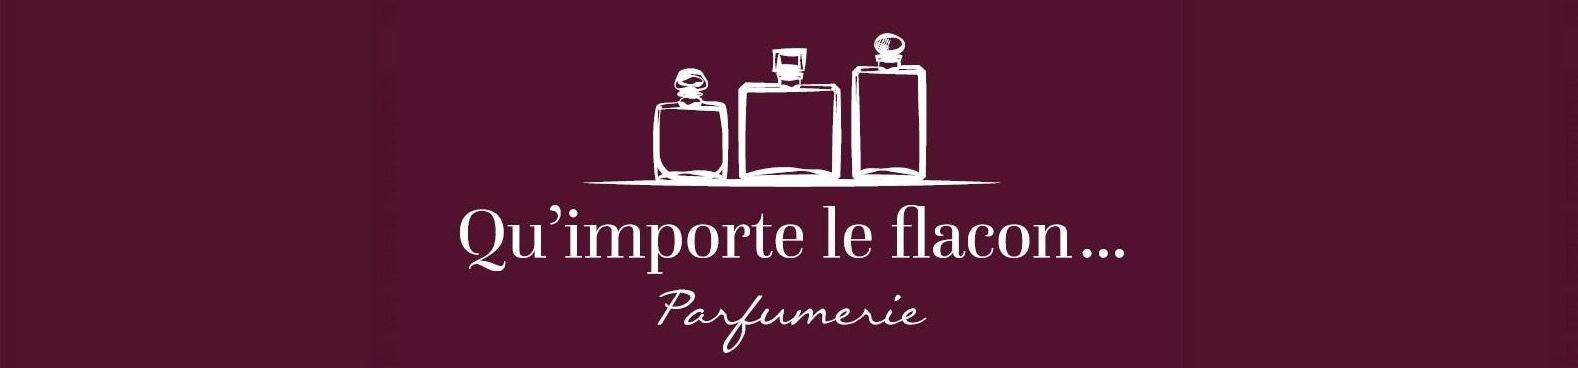 Parfumerie Qu'importe le flacon